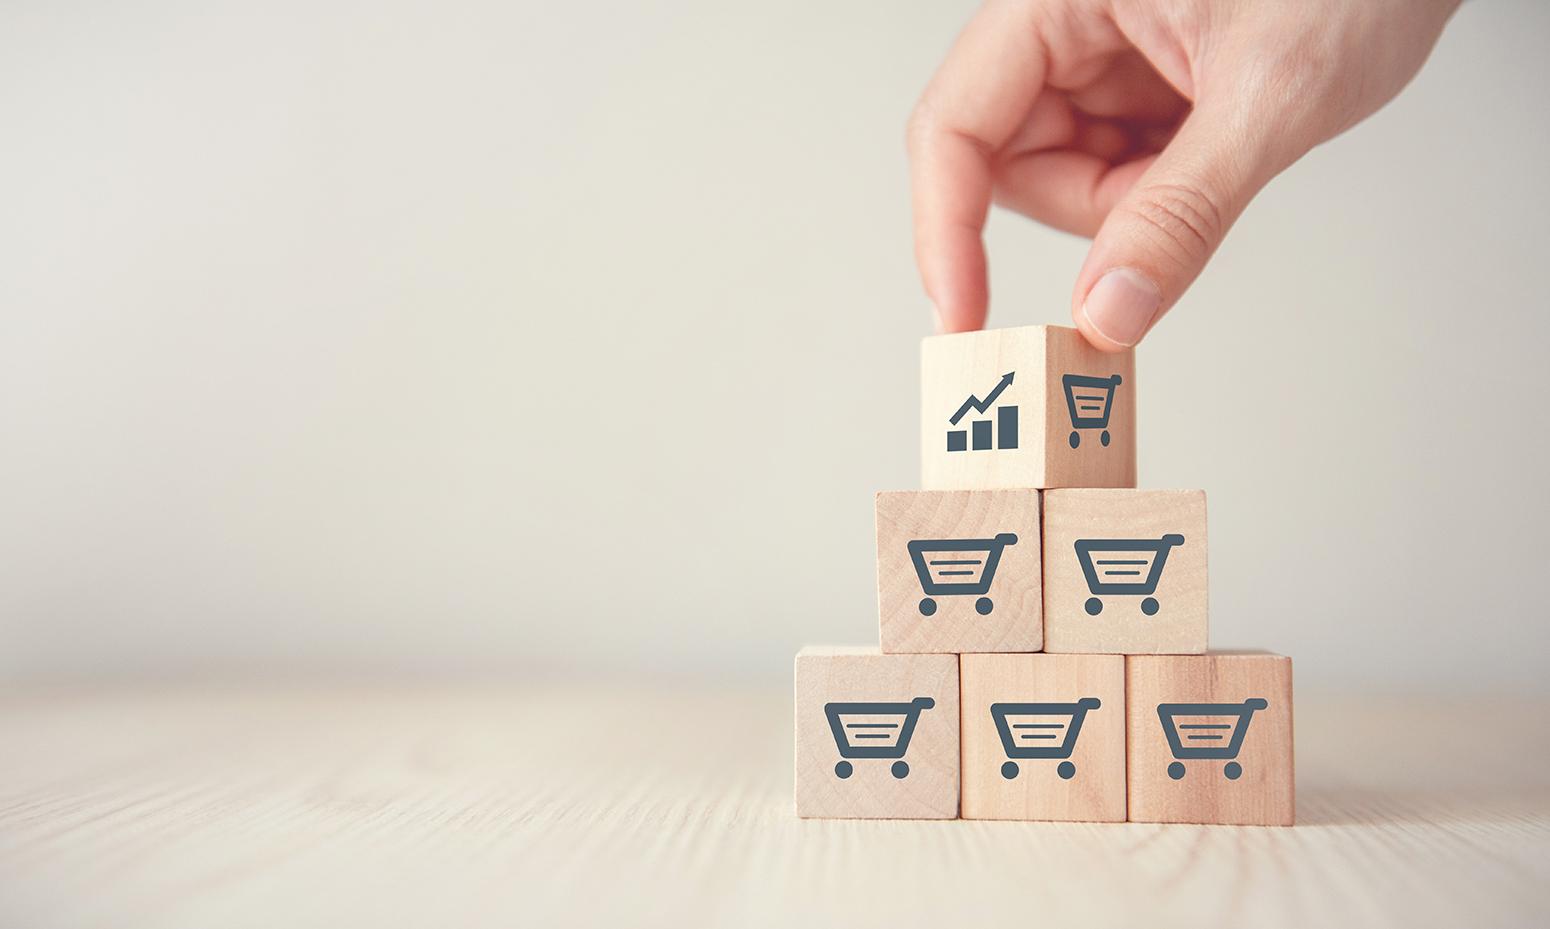 Las tendencias y estrategias que marcarán el Gran Consumo en 2020